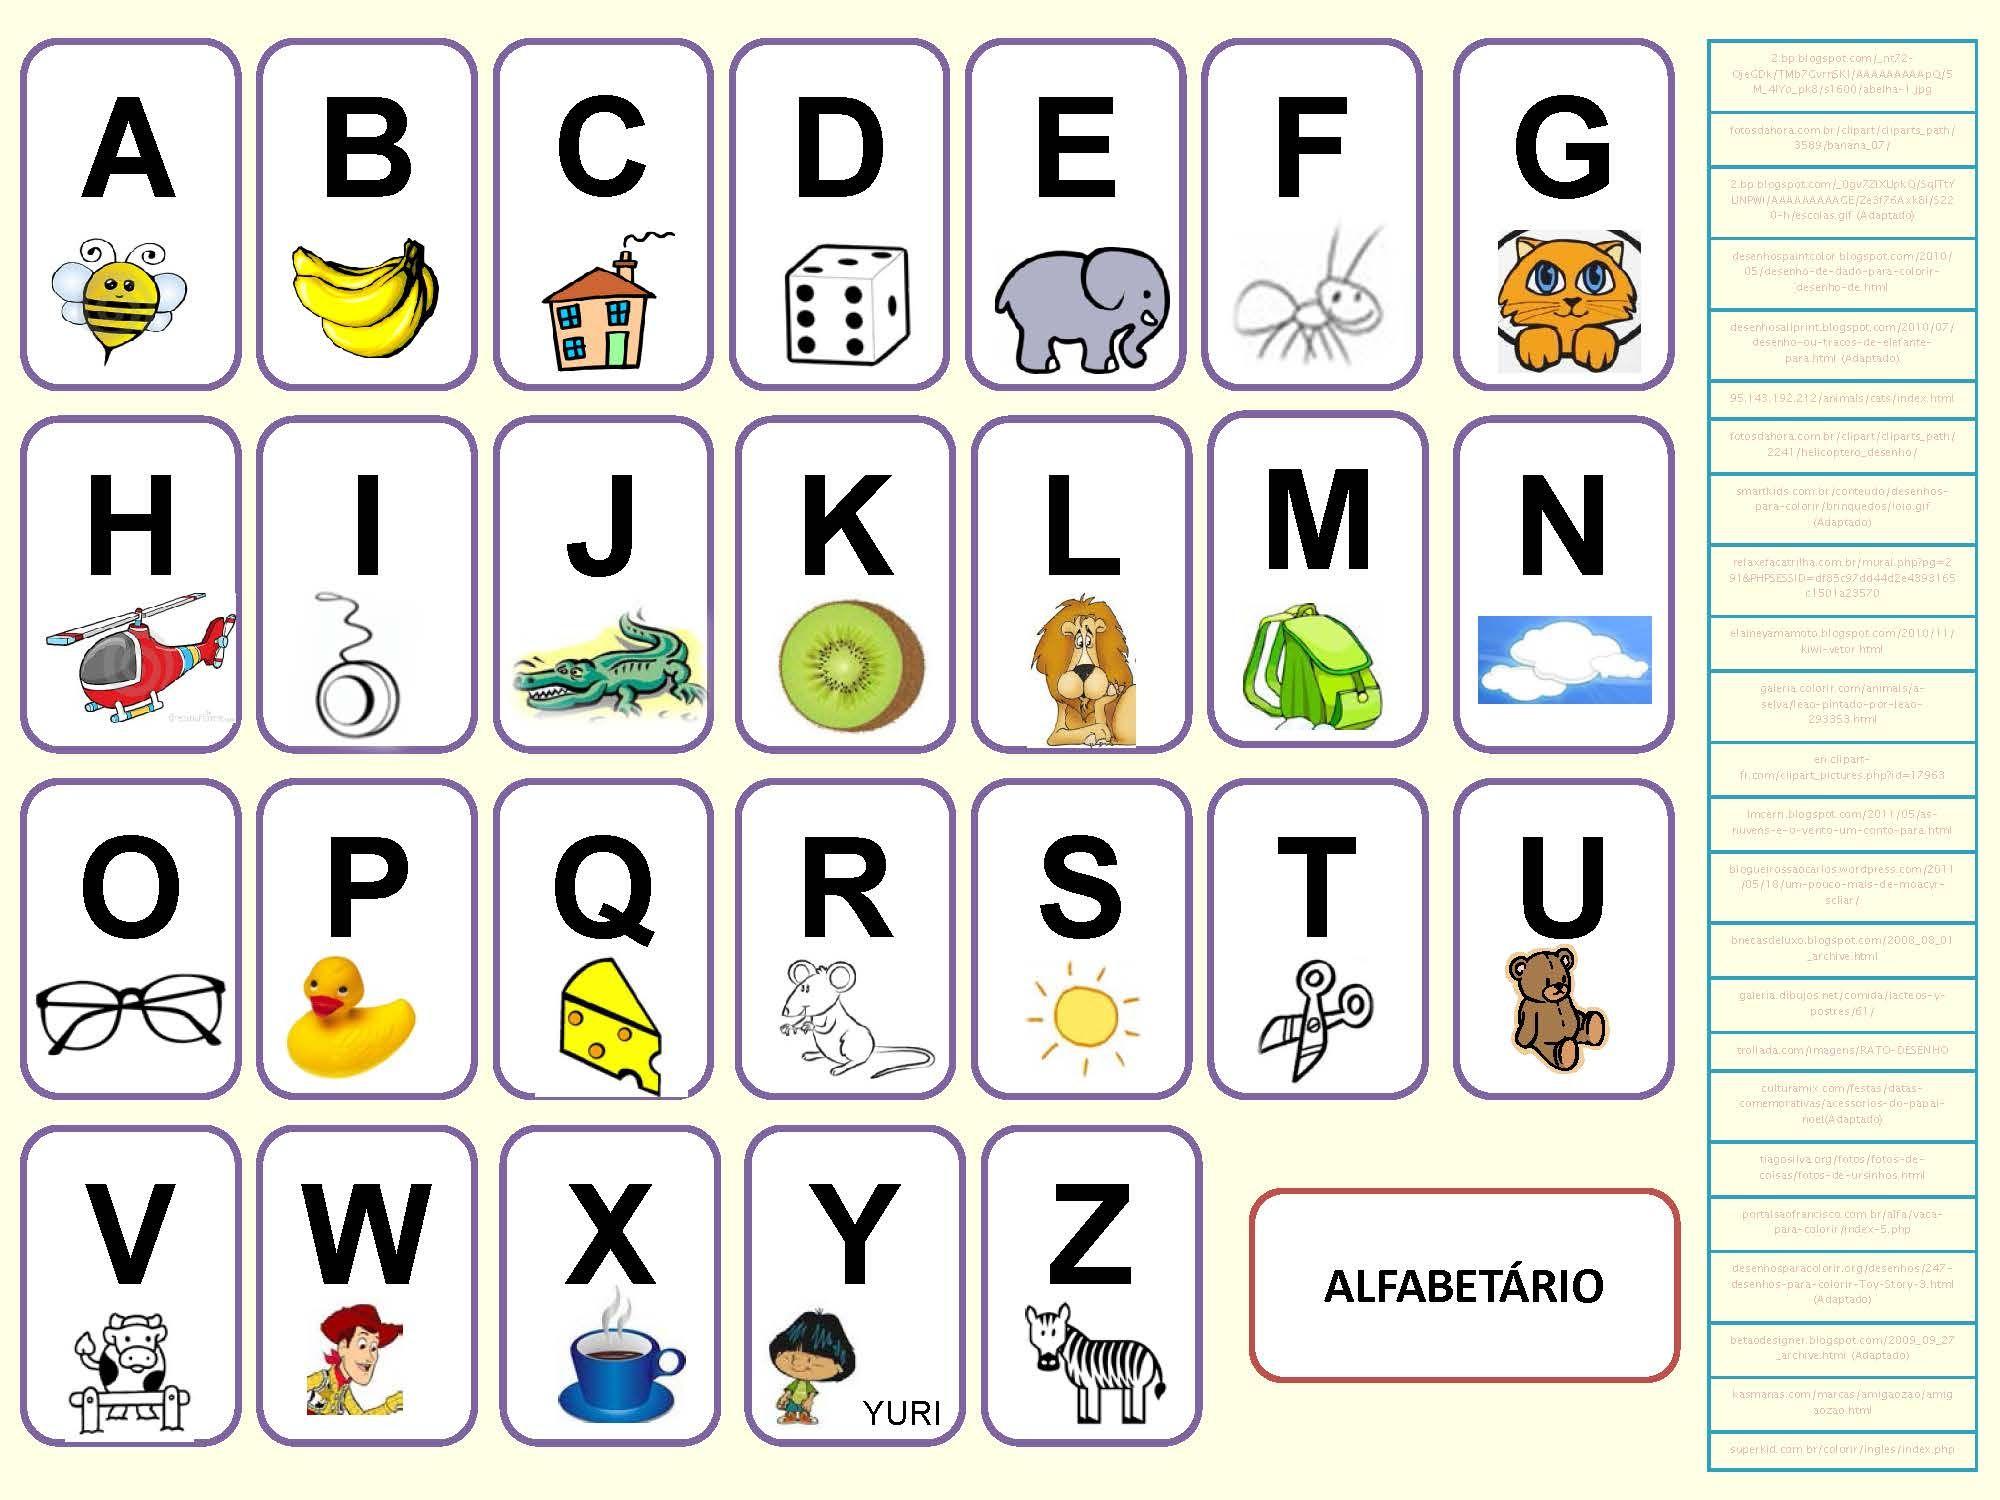 Apprendre Alphabet Maternelle Imprimer Wp32 | Jornalagora intérieur Jeux Pour Apprendre L Alphabet